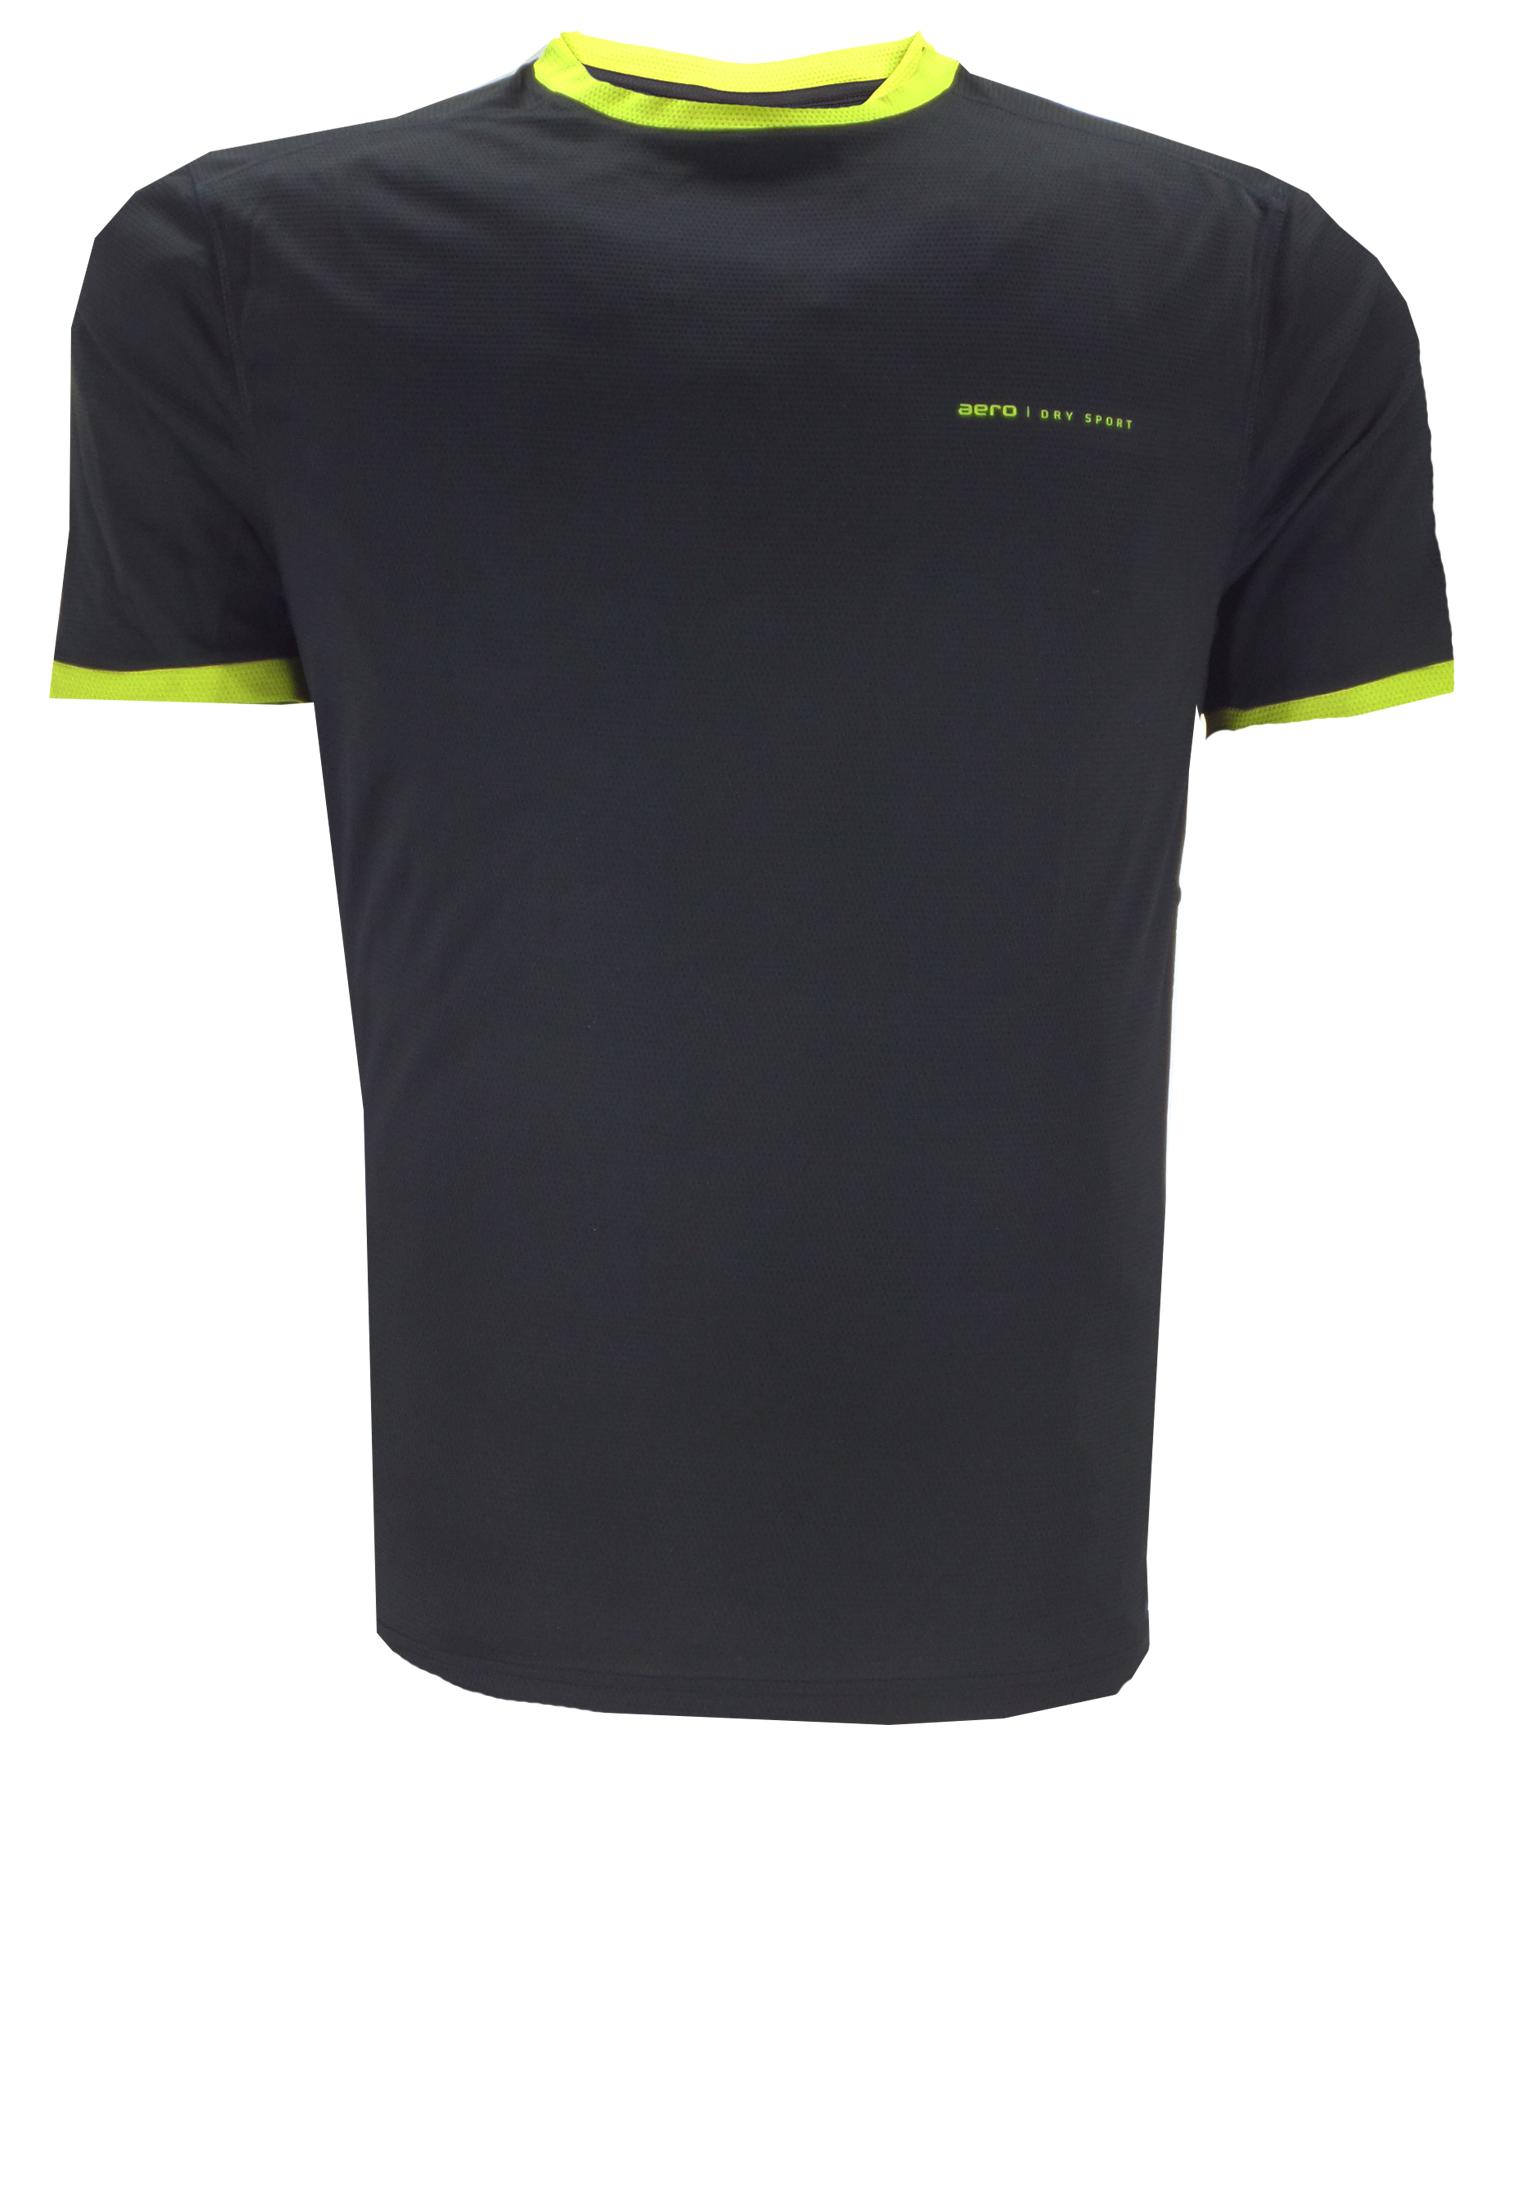 Effen, soepelvallend shirt van Aero, waarvan de ronde hals en de boorden van de korte mouwen in contrasterende kleur zijn uitgevoerd. Het t-shirt is gemaakt van een speciaal ontwikkelde stof die u droog en 'cool' houdt en comfortabel is om te dragen. Kortom het perfecte shirt voor elke sport!